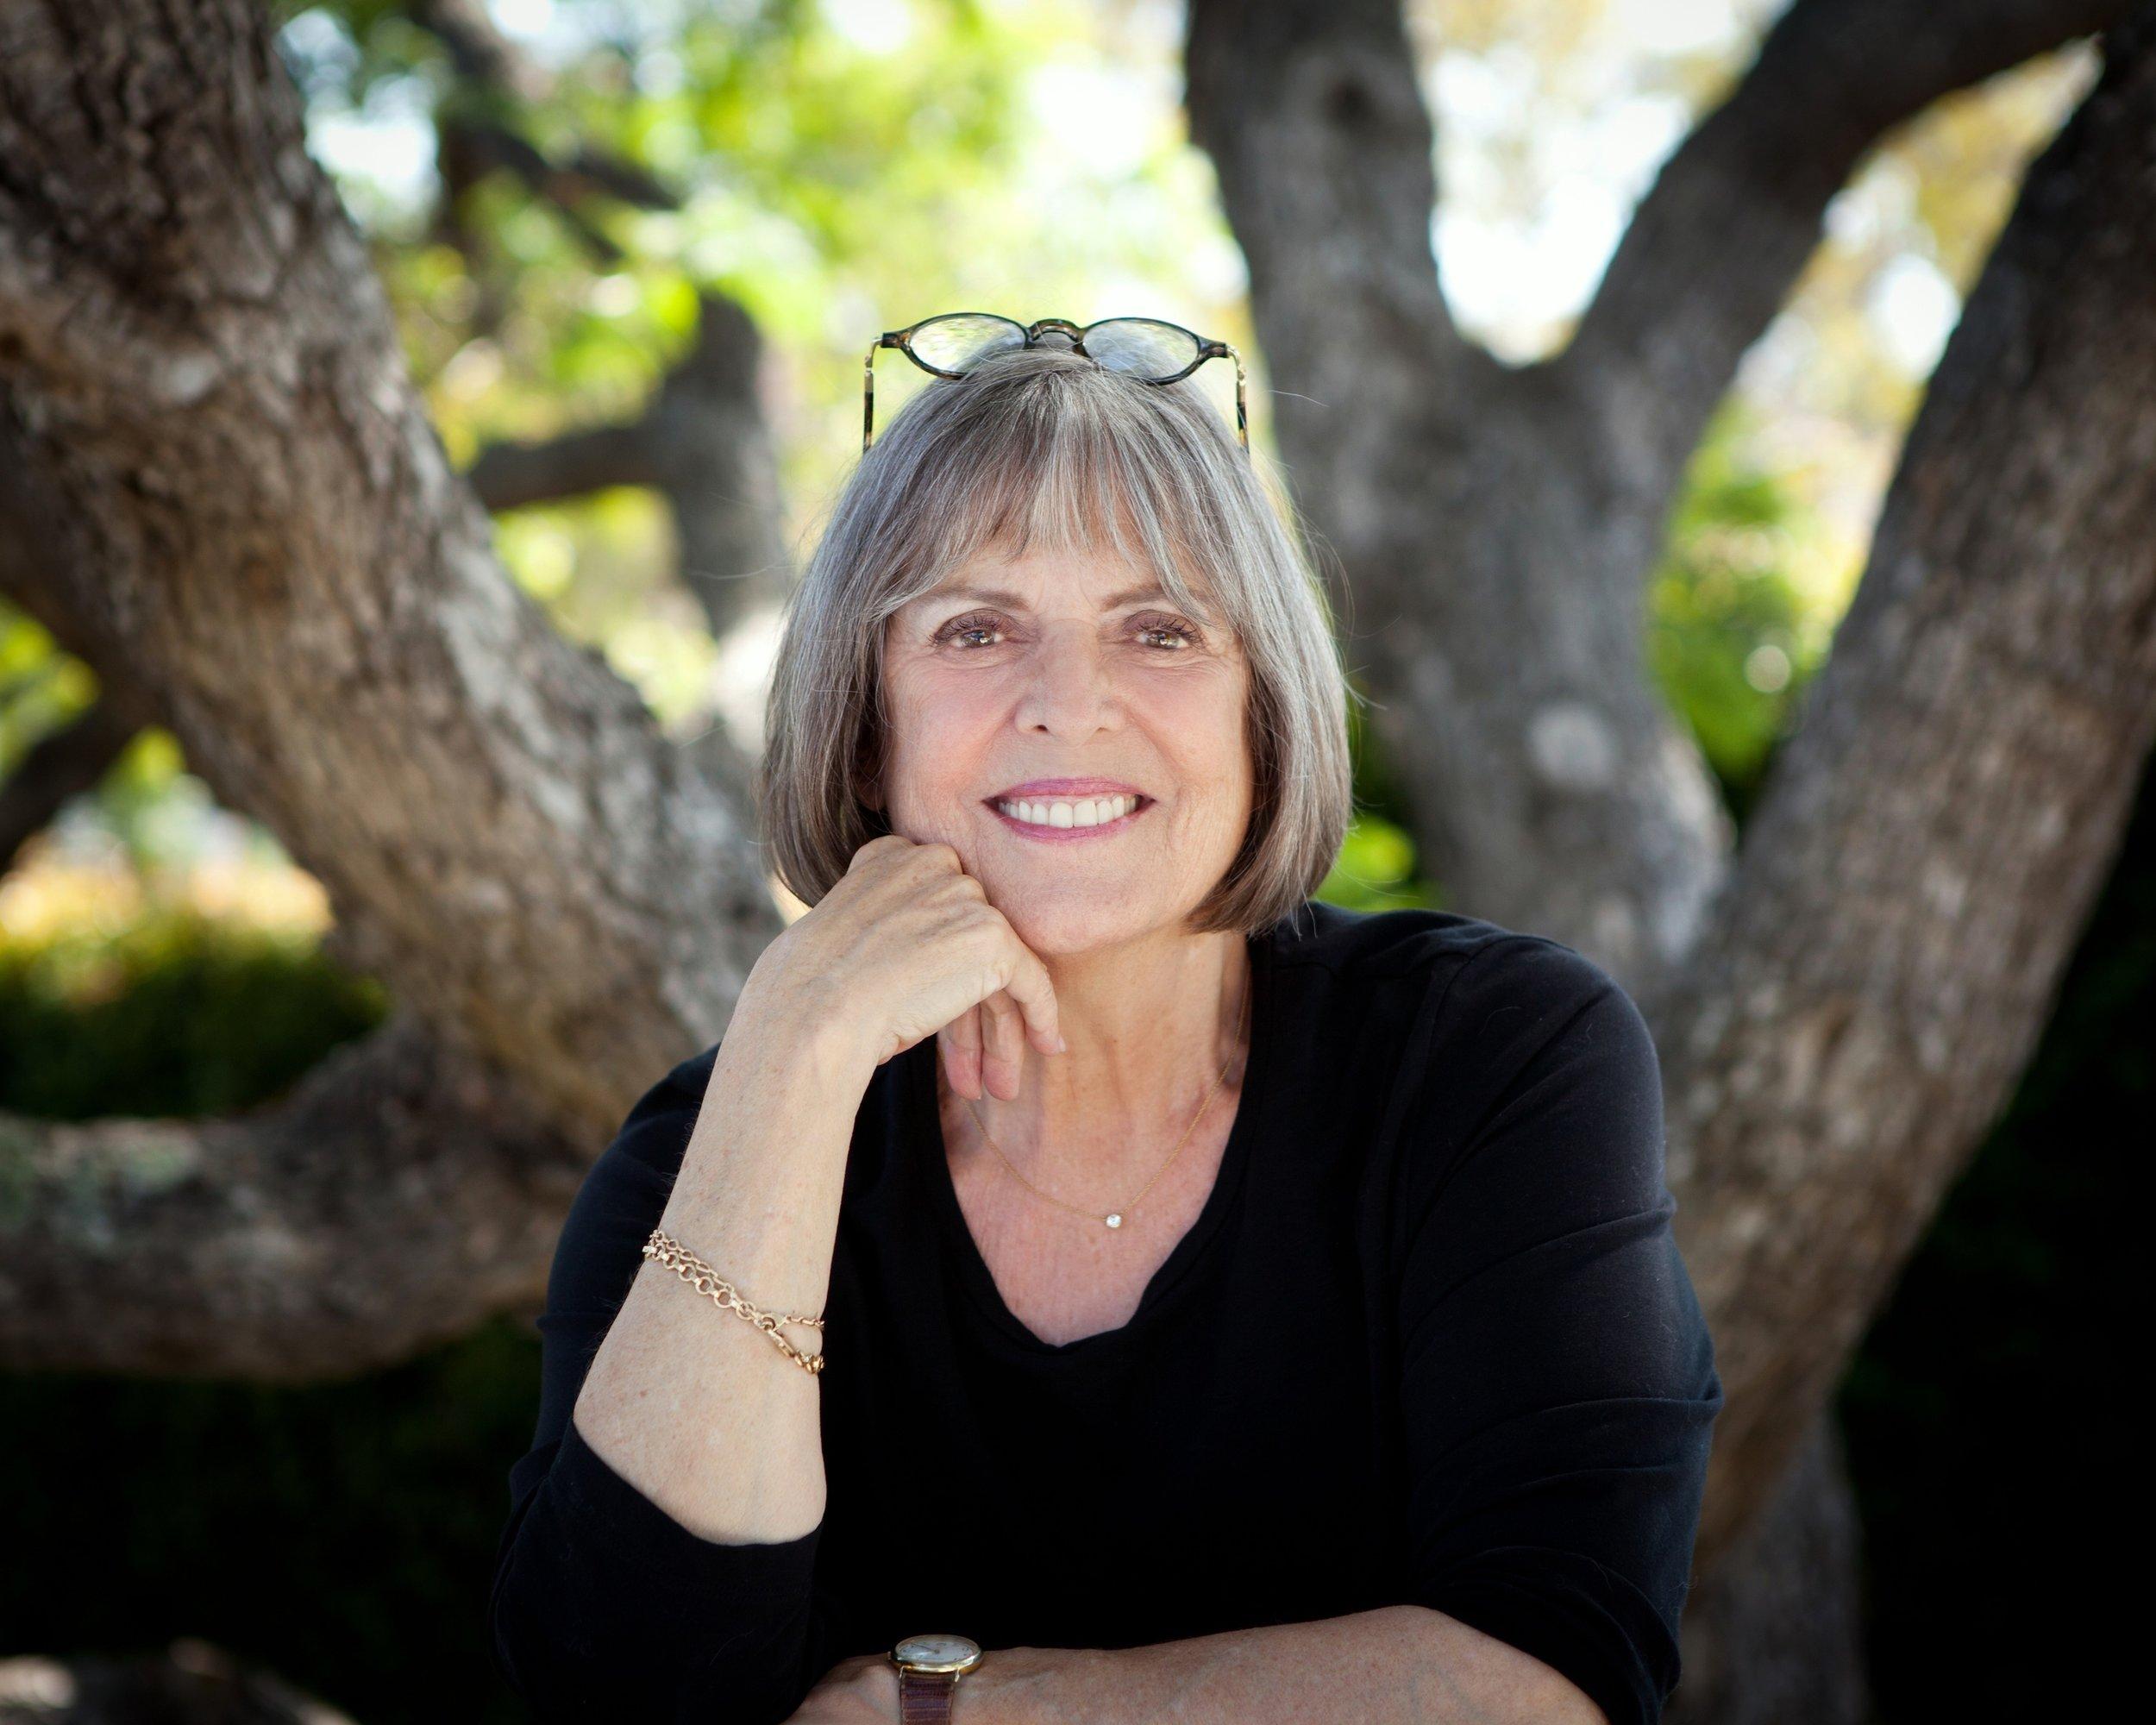 Laure-Anne Bosselaar - Poet Laureate 2019-2021